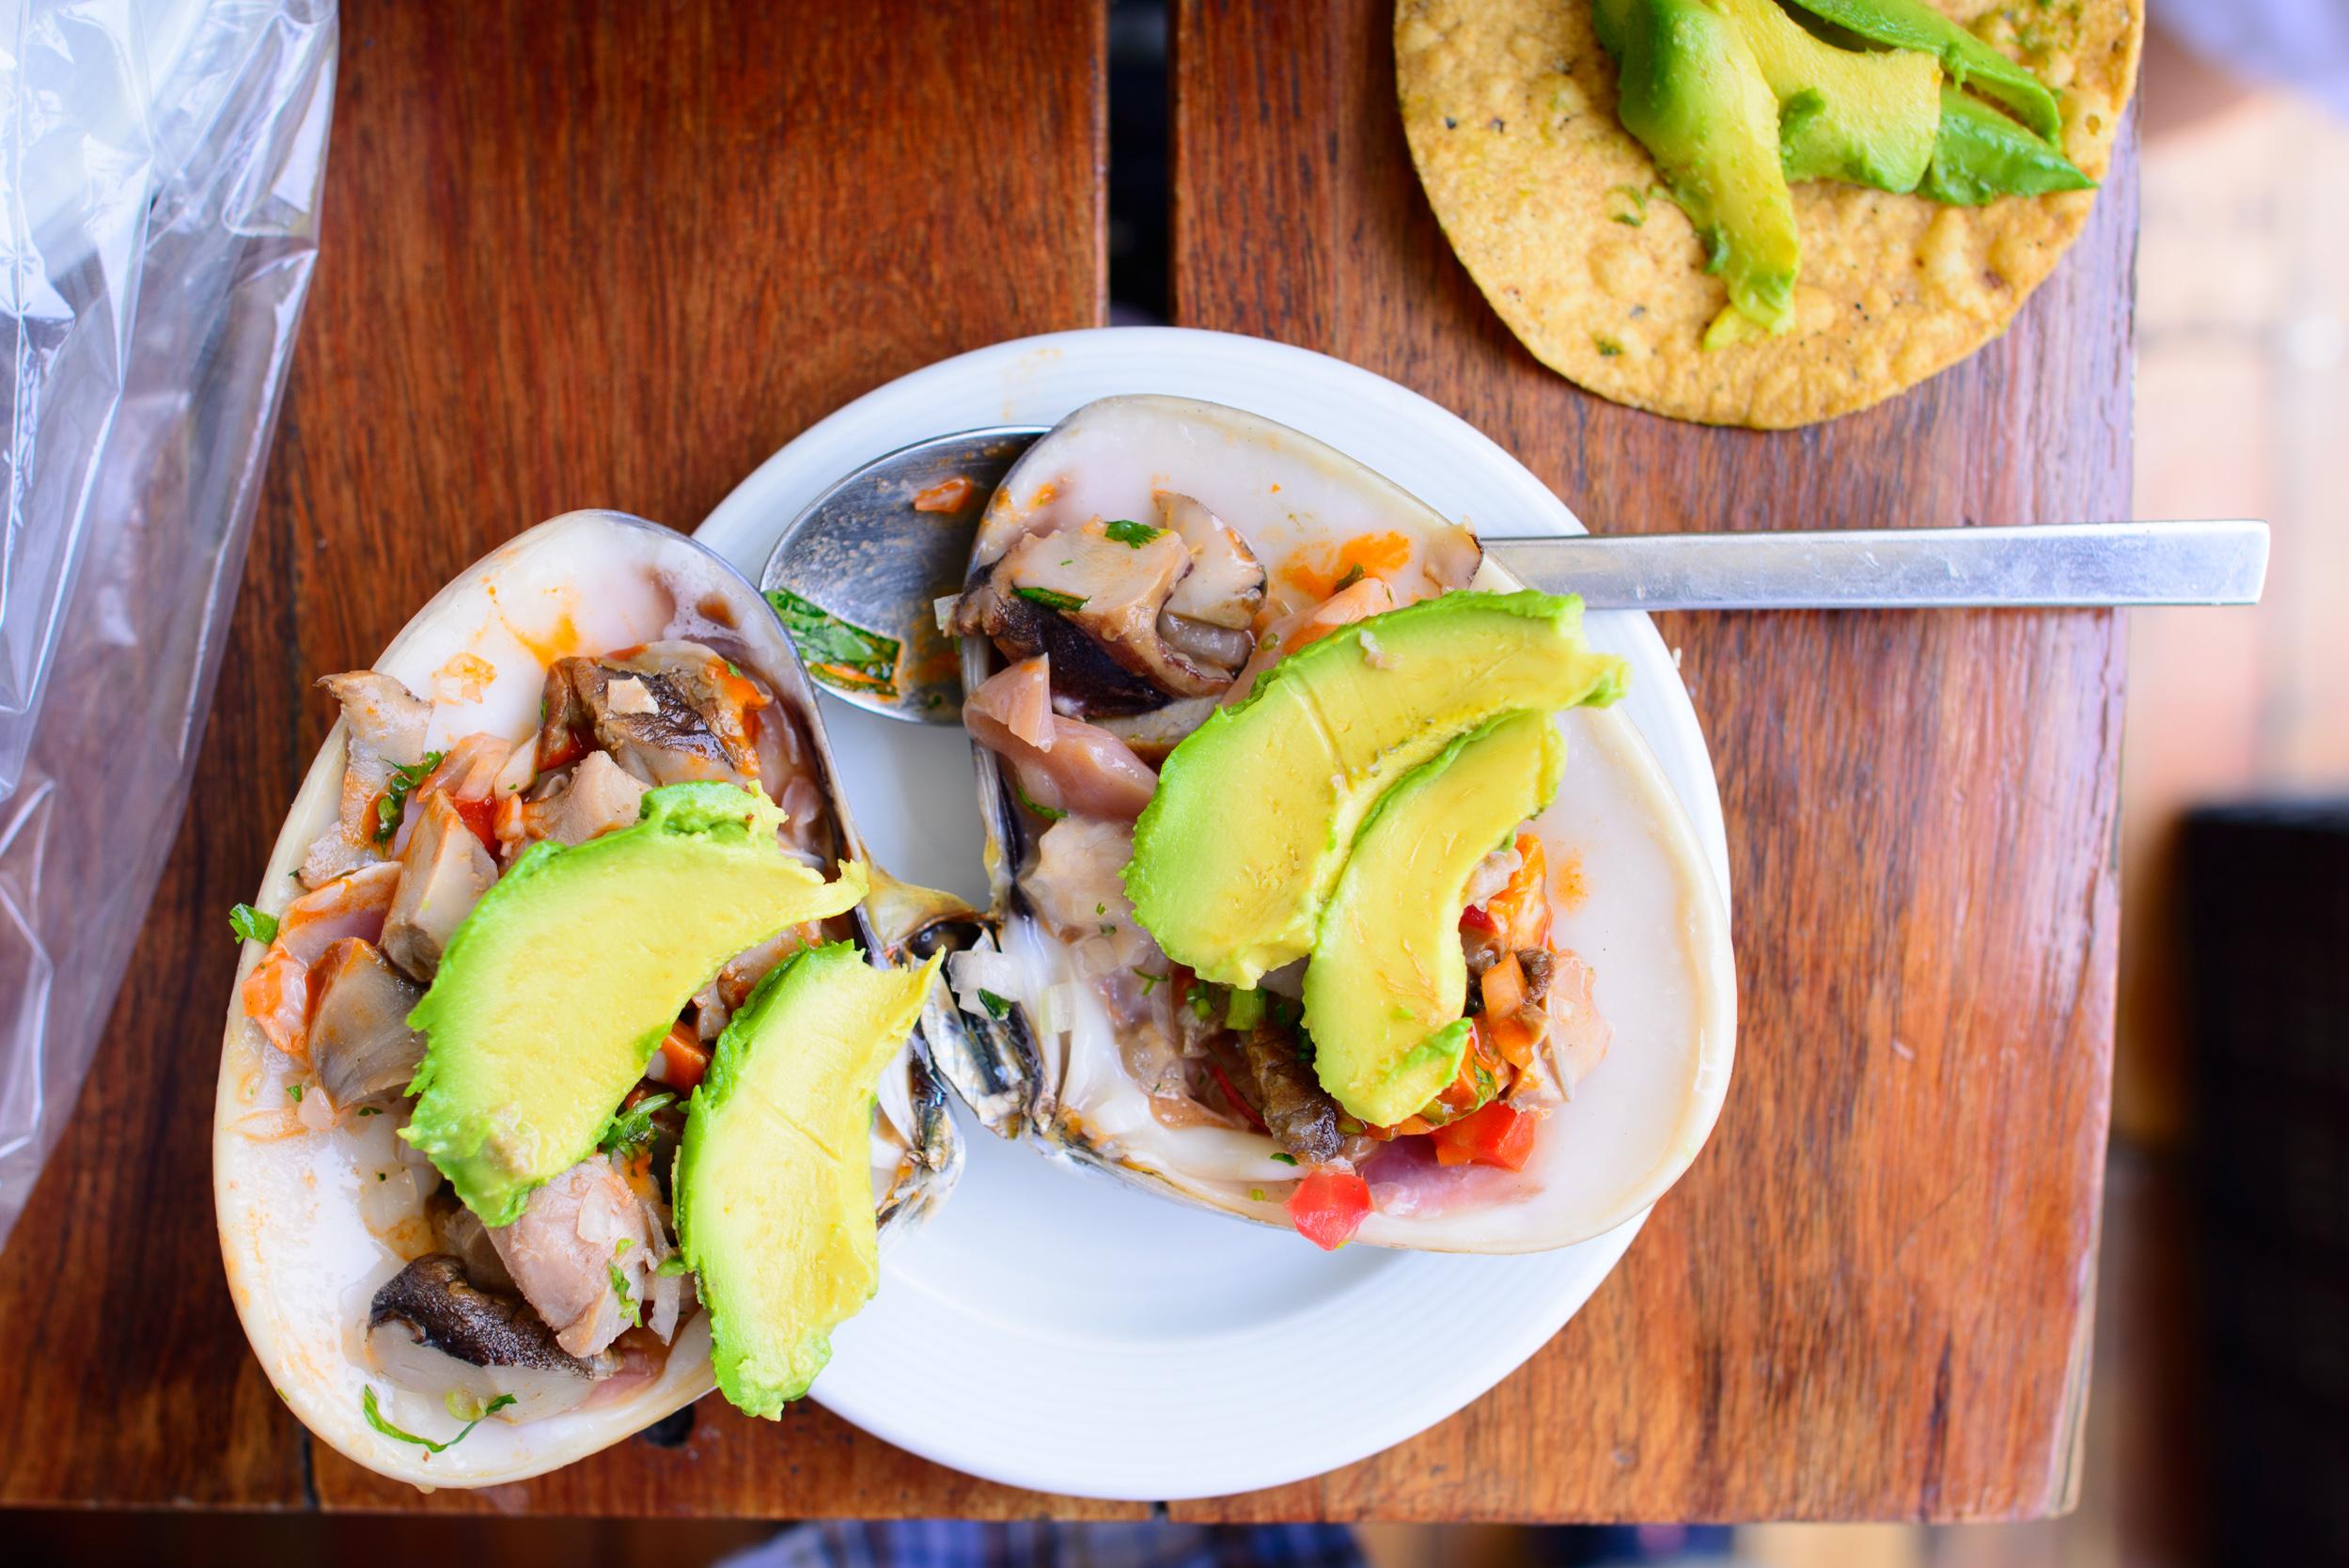 La Especialidad de Pablito (Pismo clam, snail, avocado, lime)